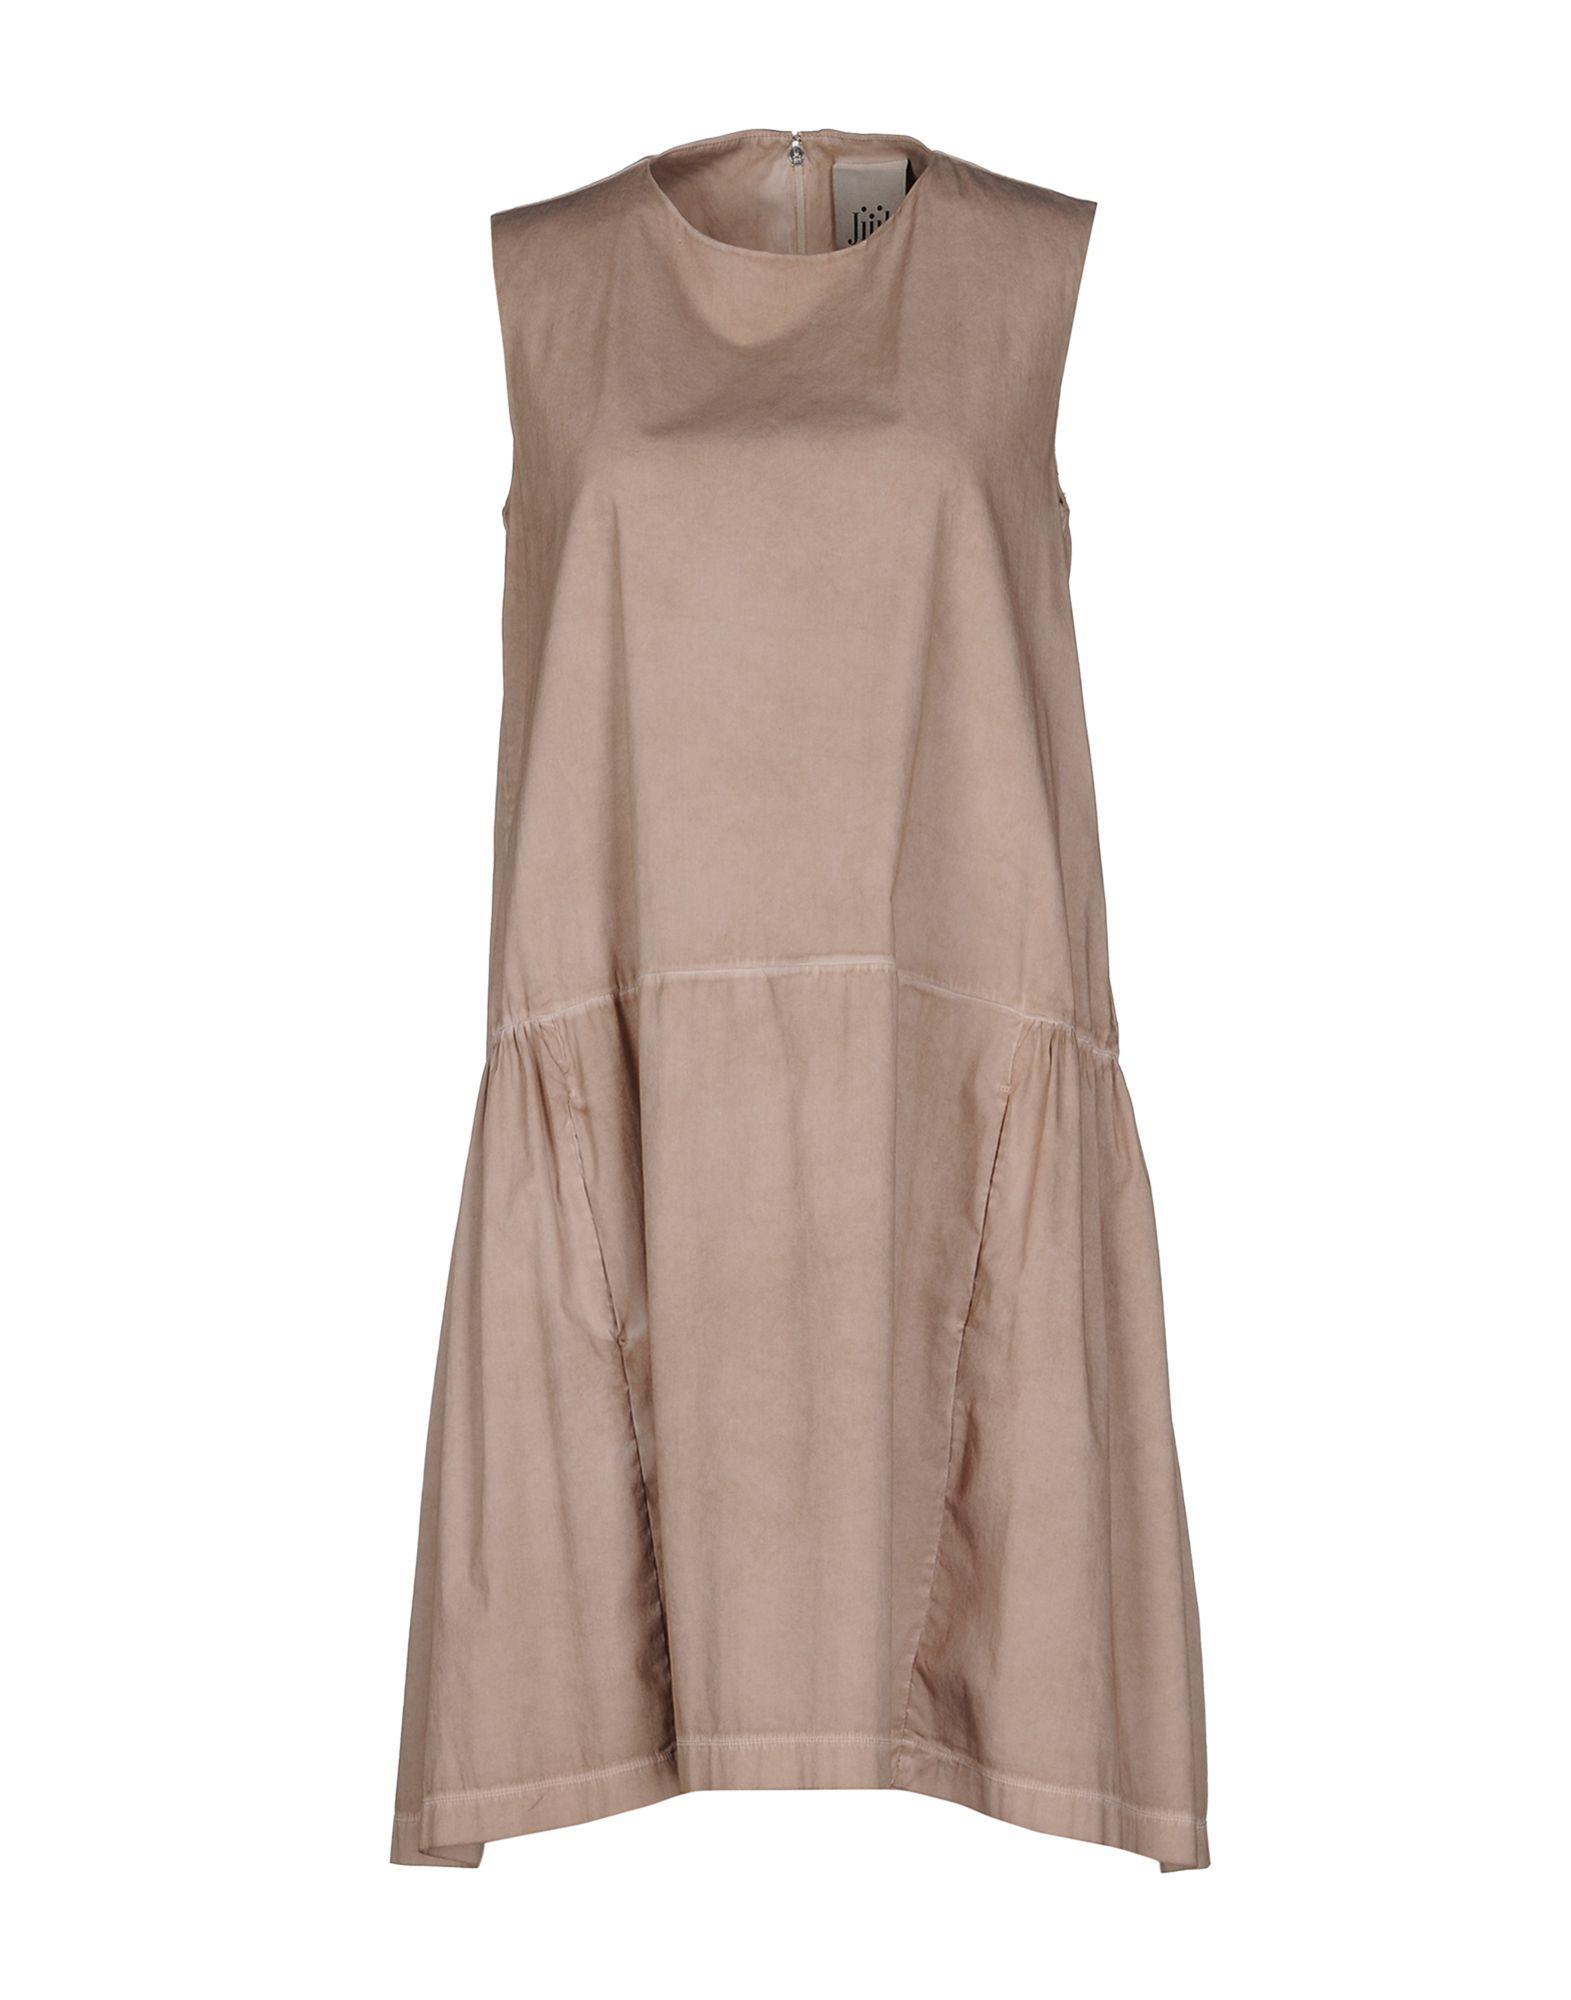 para 34791176pf Vestidos línea en Vestido corto Jijil Estados mujer en Yoox  Unidos OqWwHRWp 4505015c1d4f